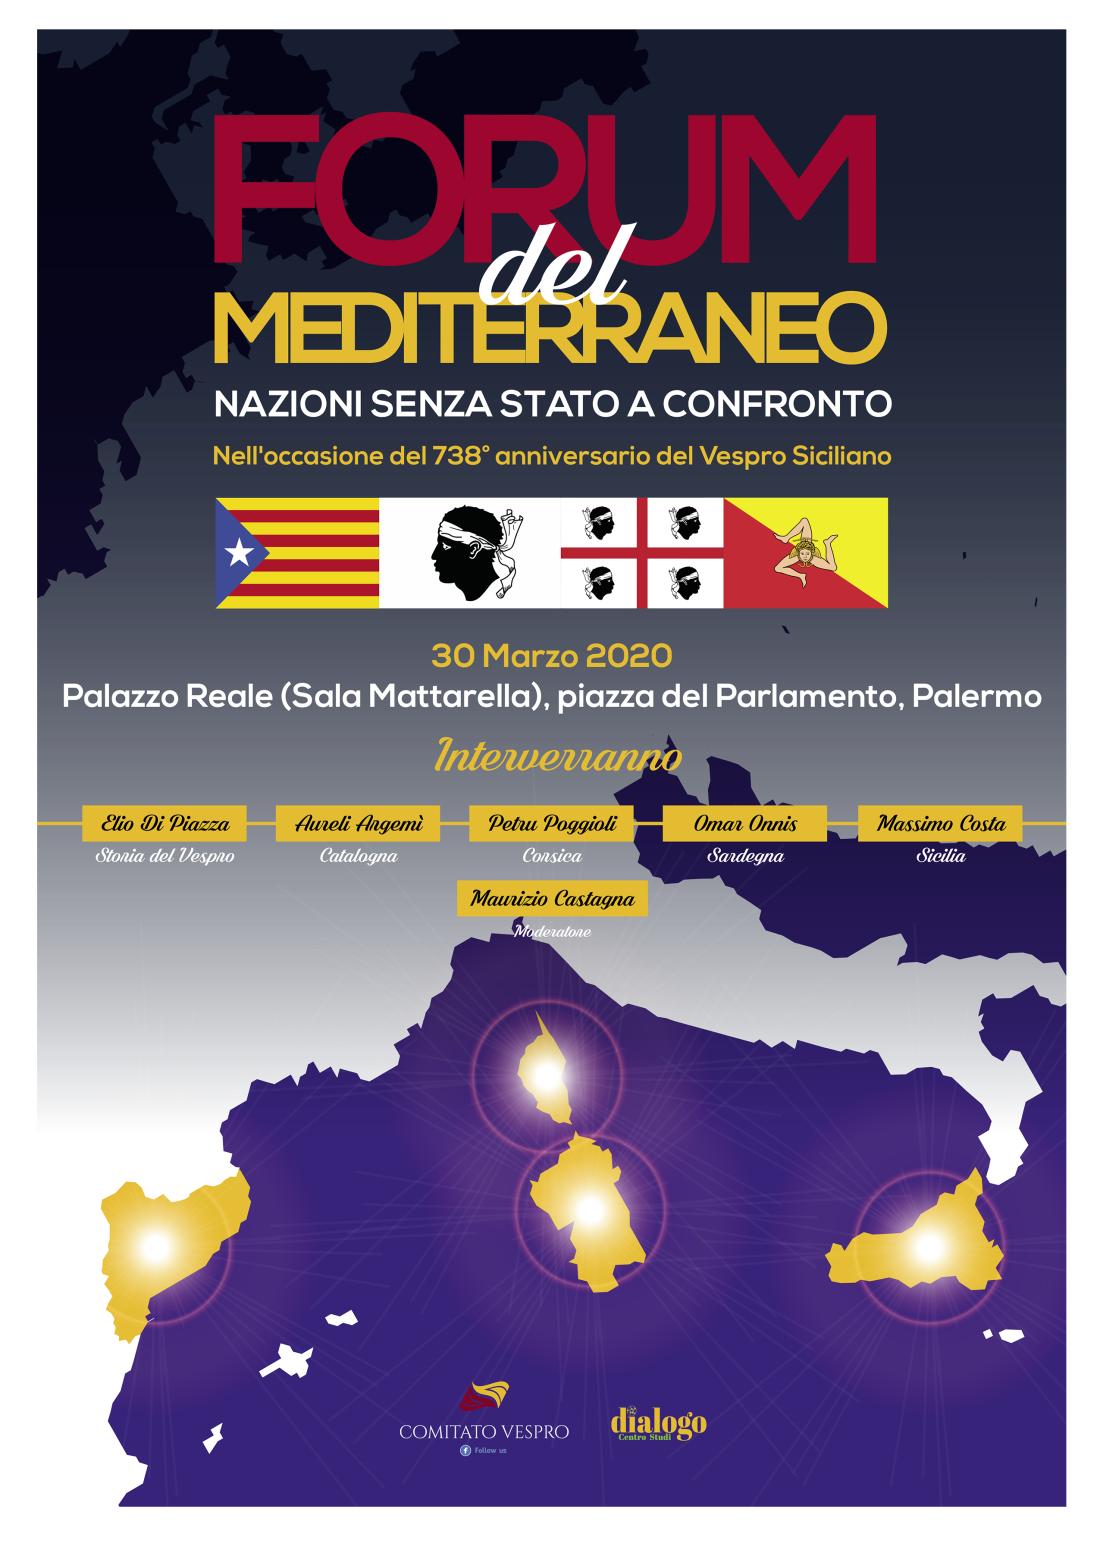 """A Palermo quattro """"Nazioni senza Stato"""" a confronto: Catalogna, Corsica, Sardegna e Sicilia"""